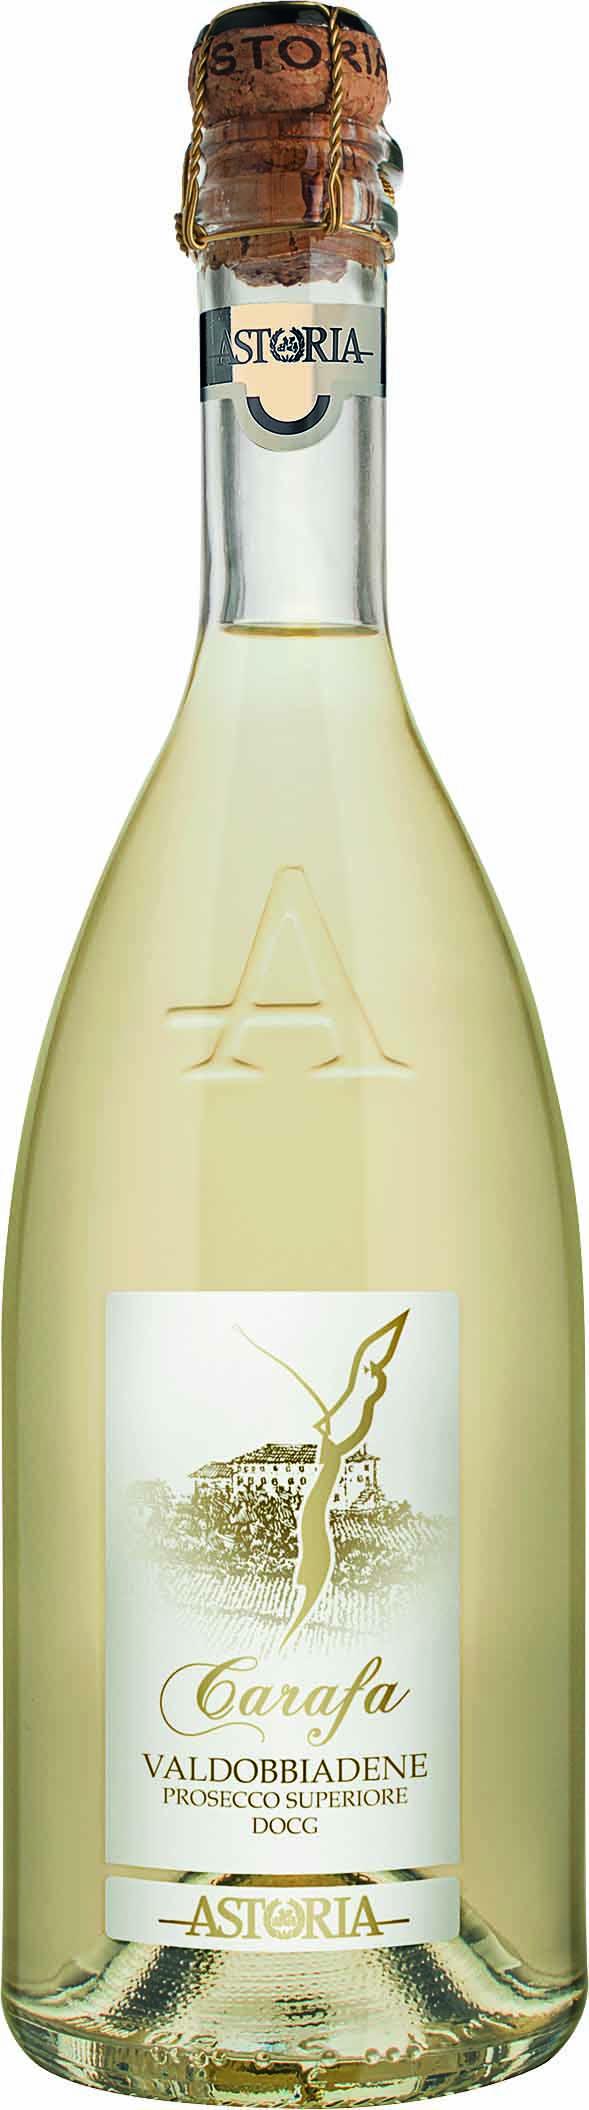 Per una degustazione... http://www.guidaprosecco.com/html5/253-Astoria-Vini